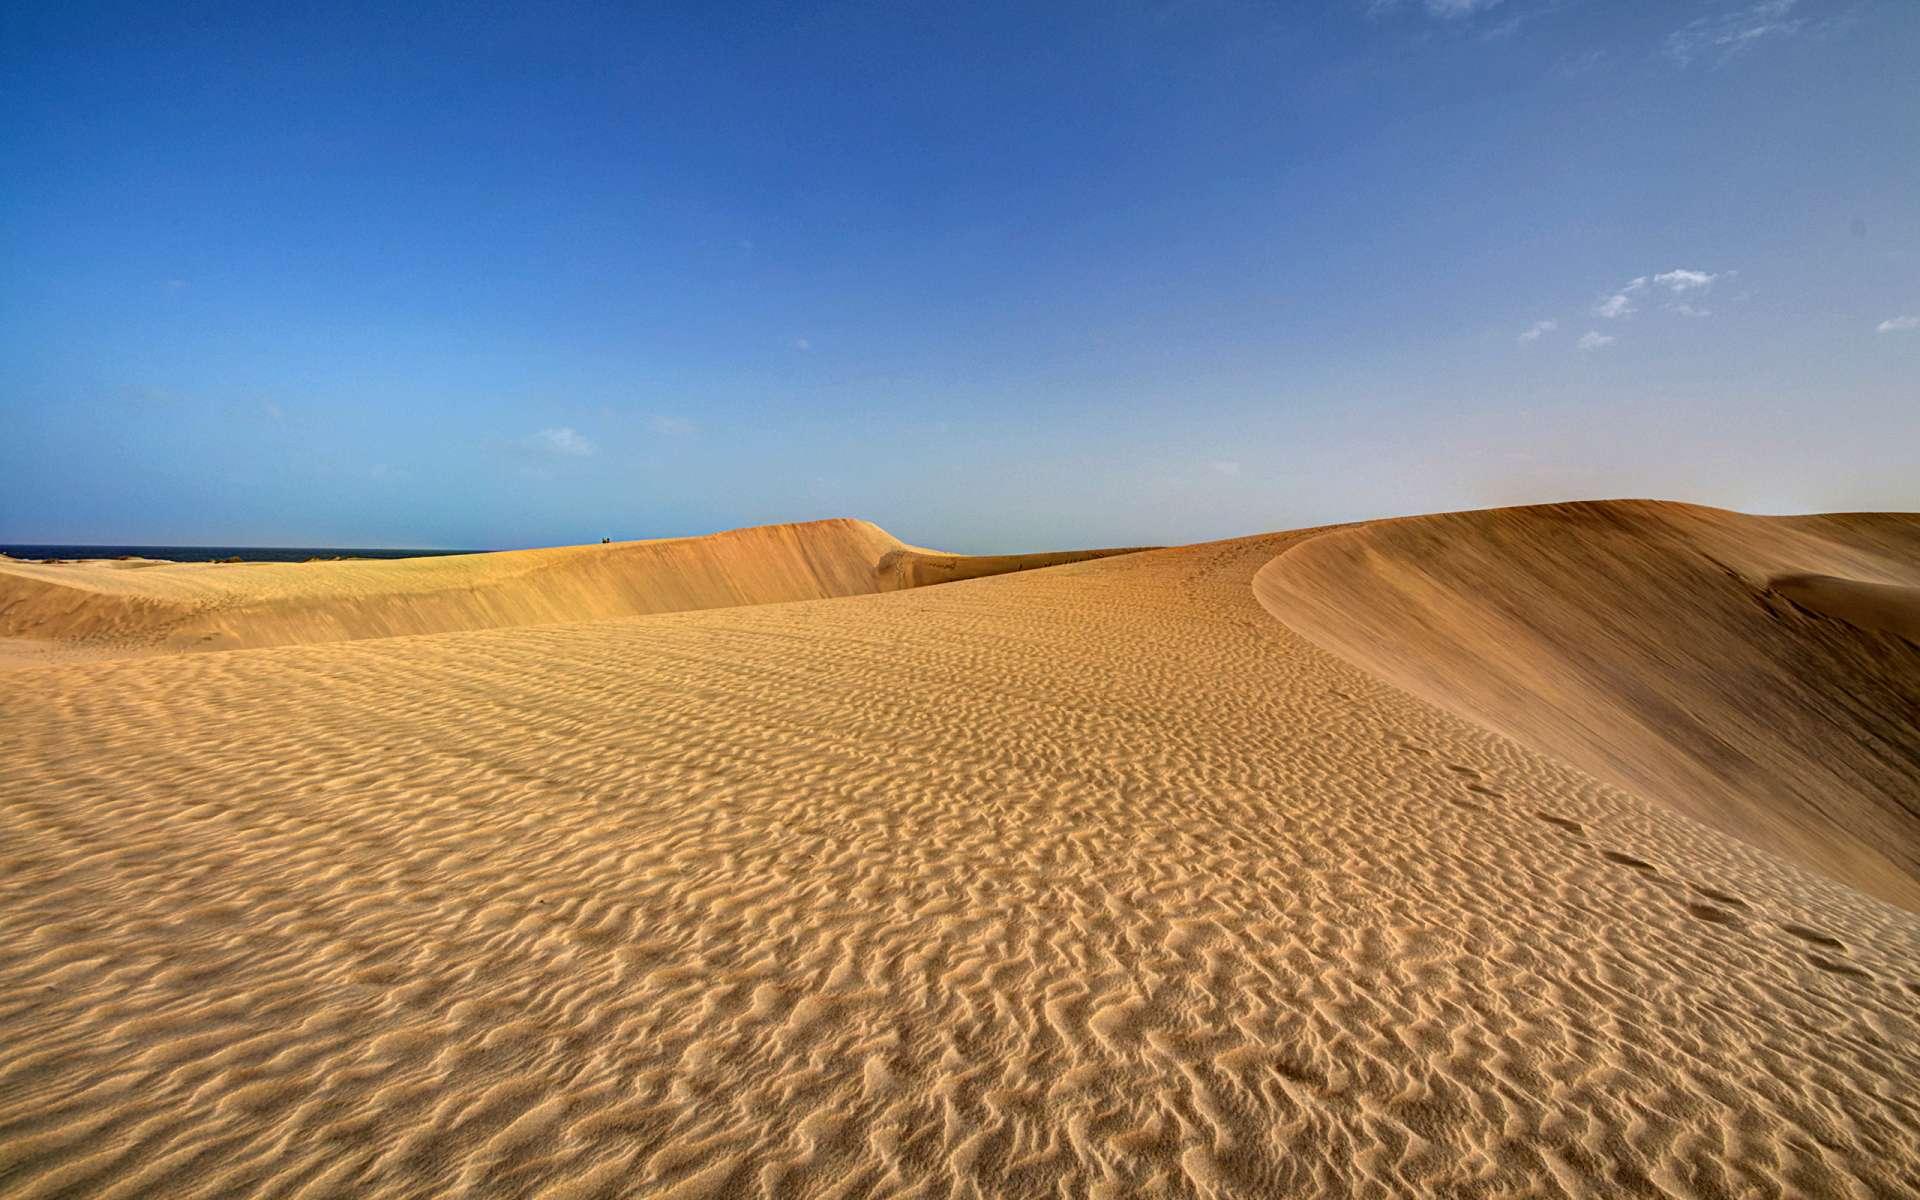 песчаные пустыни картинки видео подробно демонстрируется